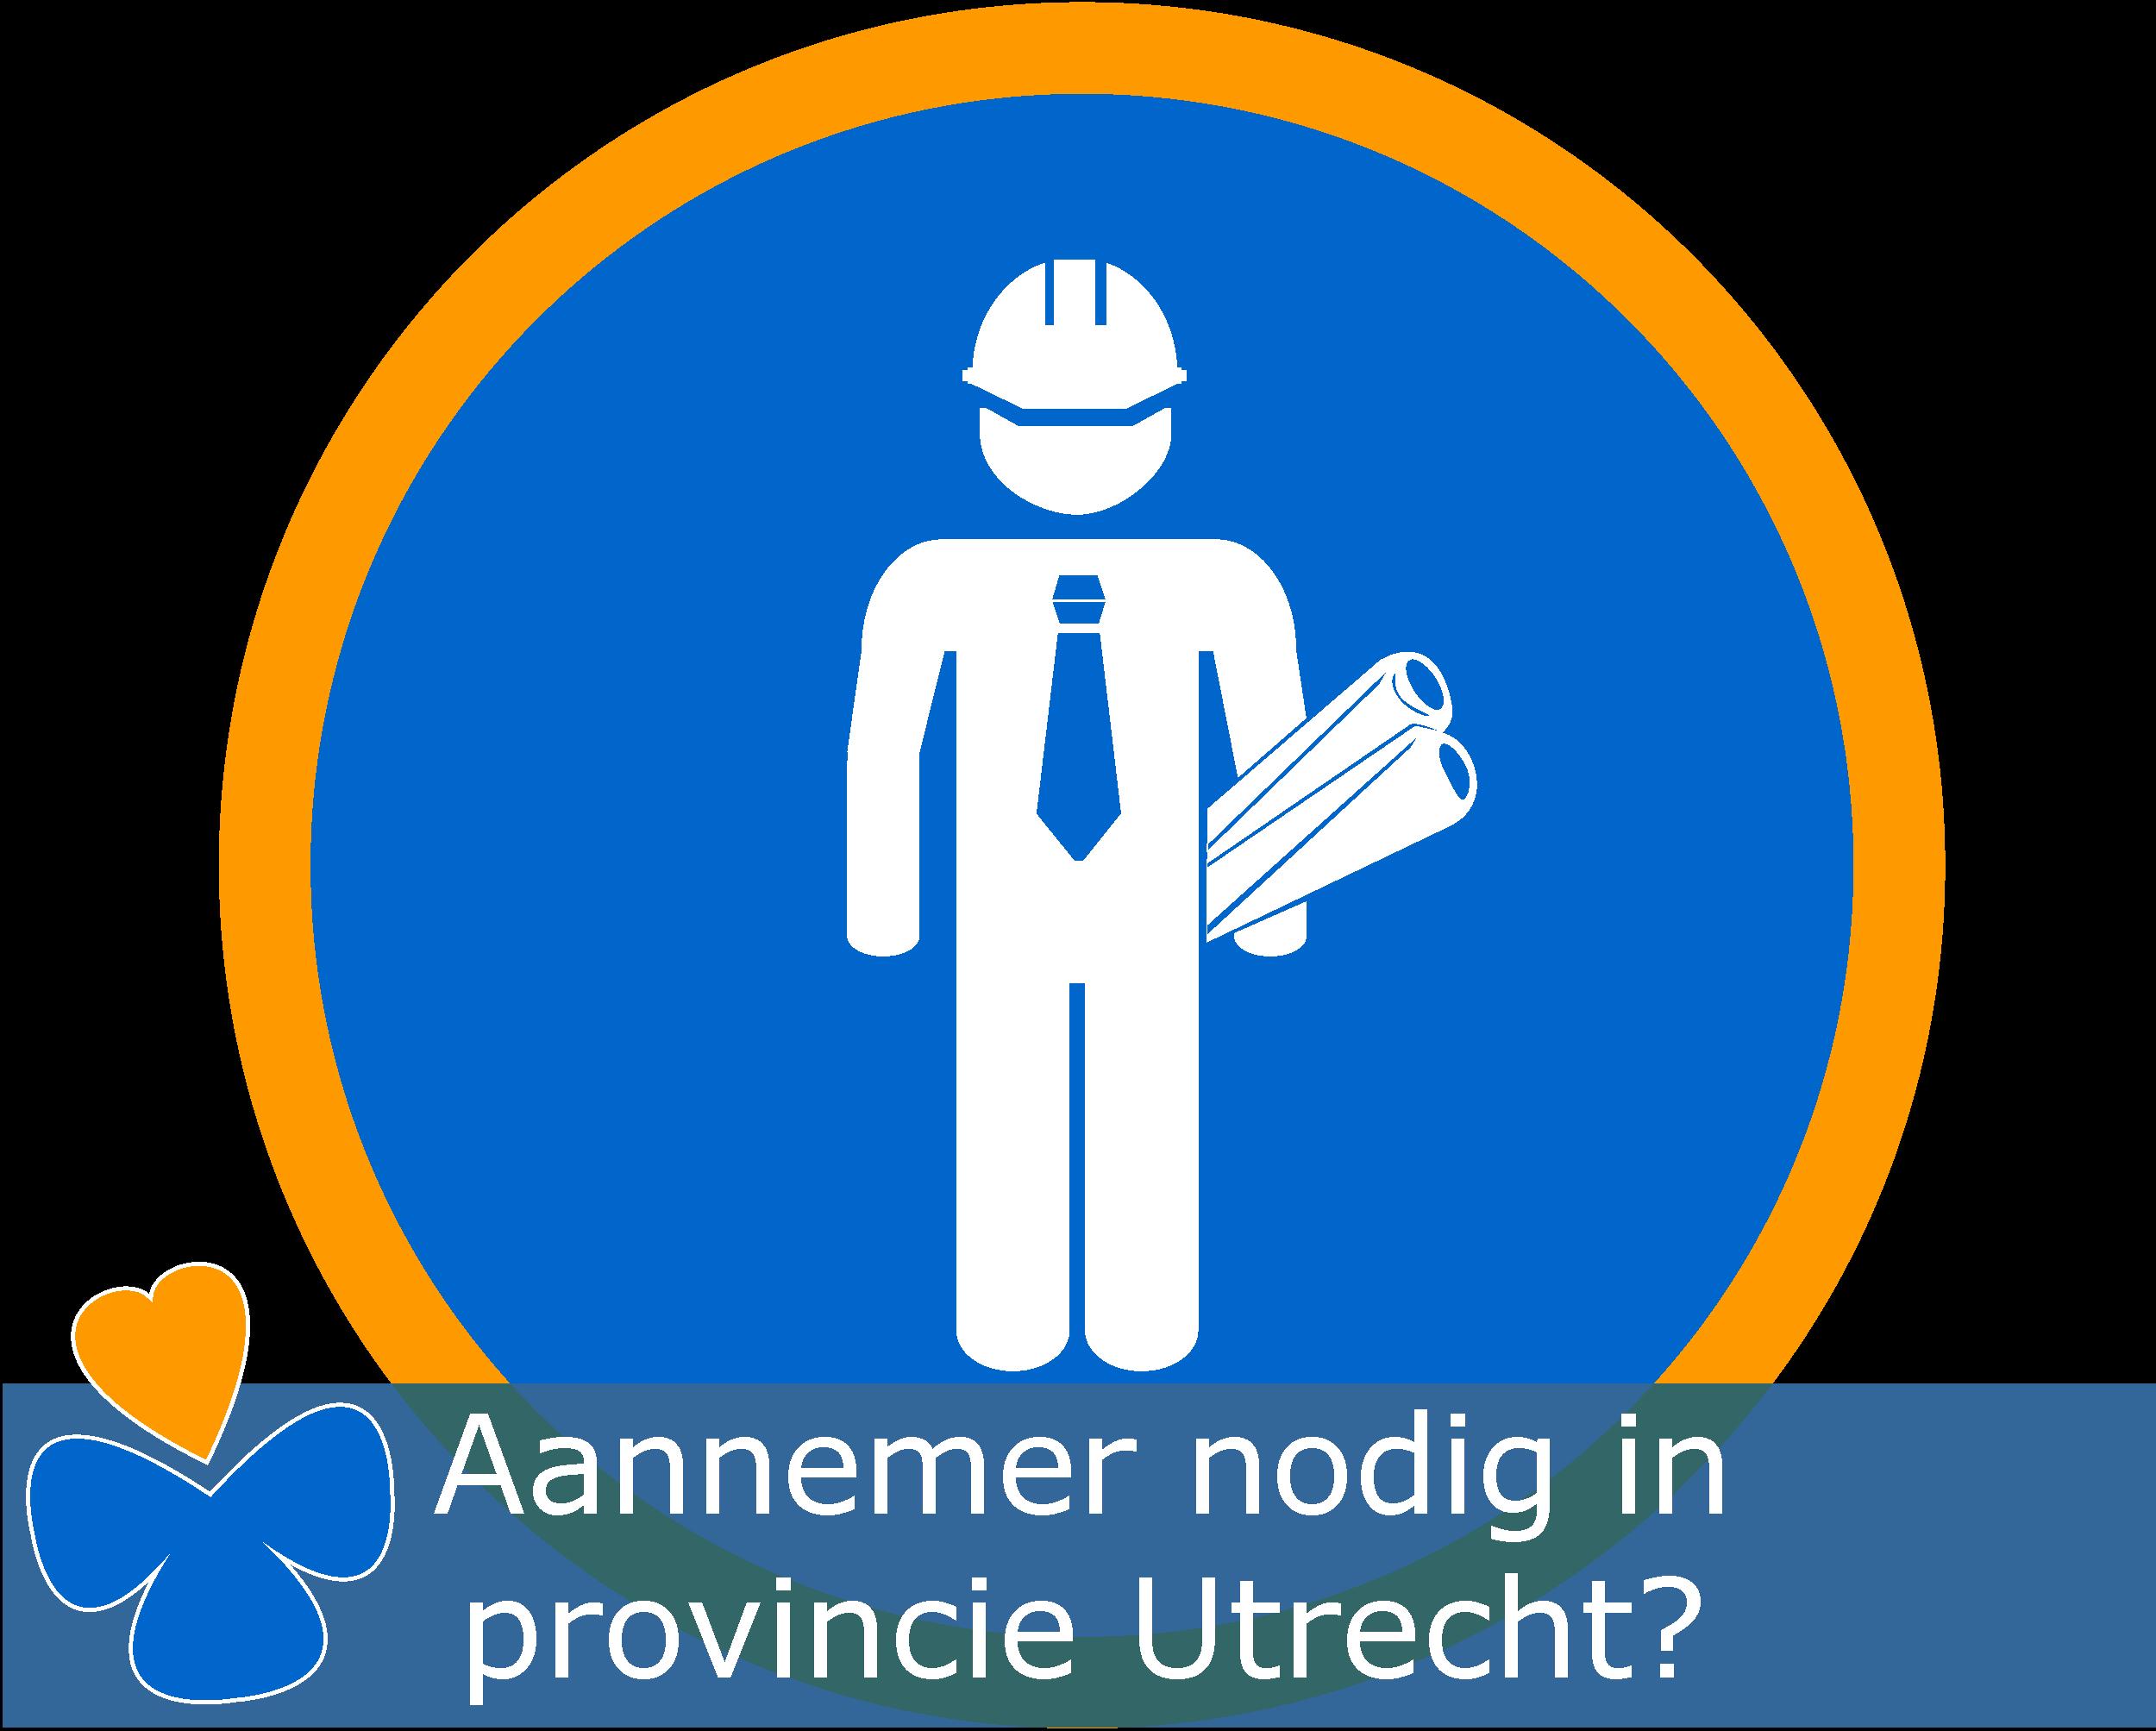 Aannemers provincie Utrecht nodig? Wij matchen de juiste aannemer! Aannemers staan klaar in provincie Utrecht.